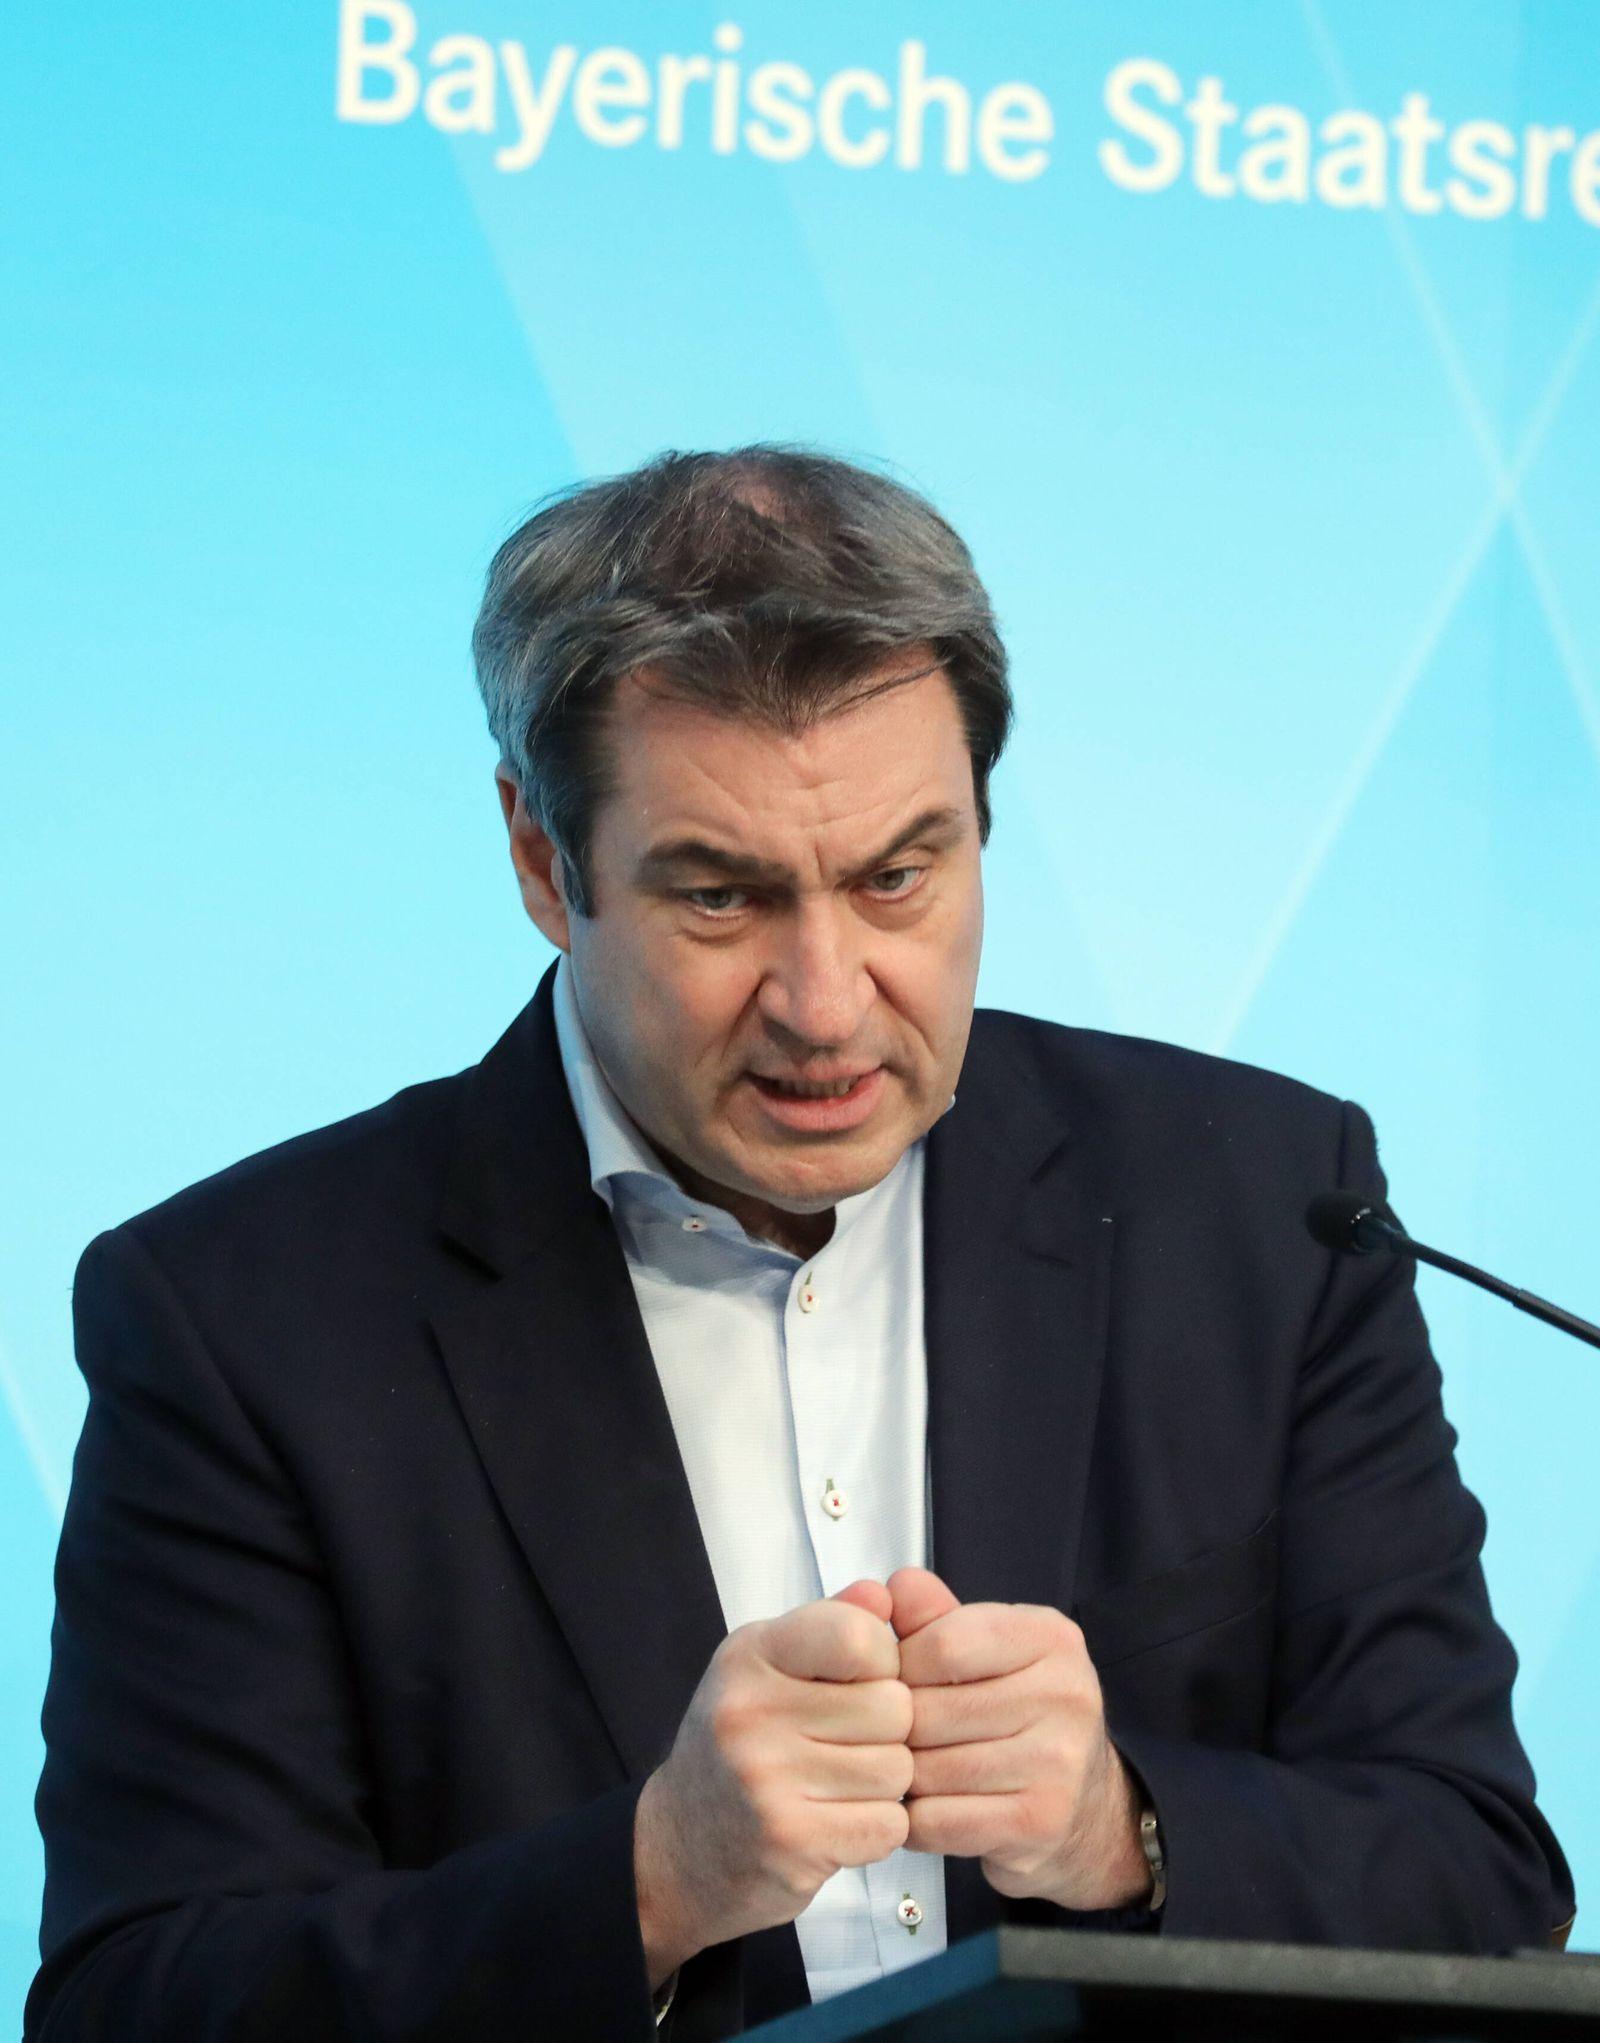 Pressekonfernez von Ministerpräsident Markus Söder Dr. Markus Söder Soeder, München Bayern Deutschland Prinz-Carl-Palais